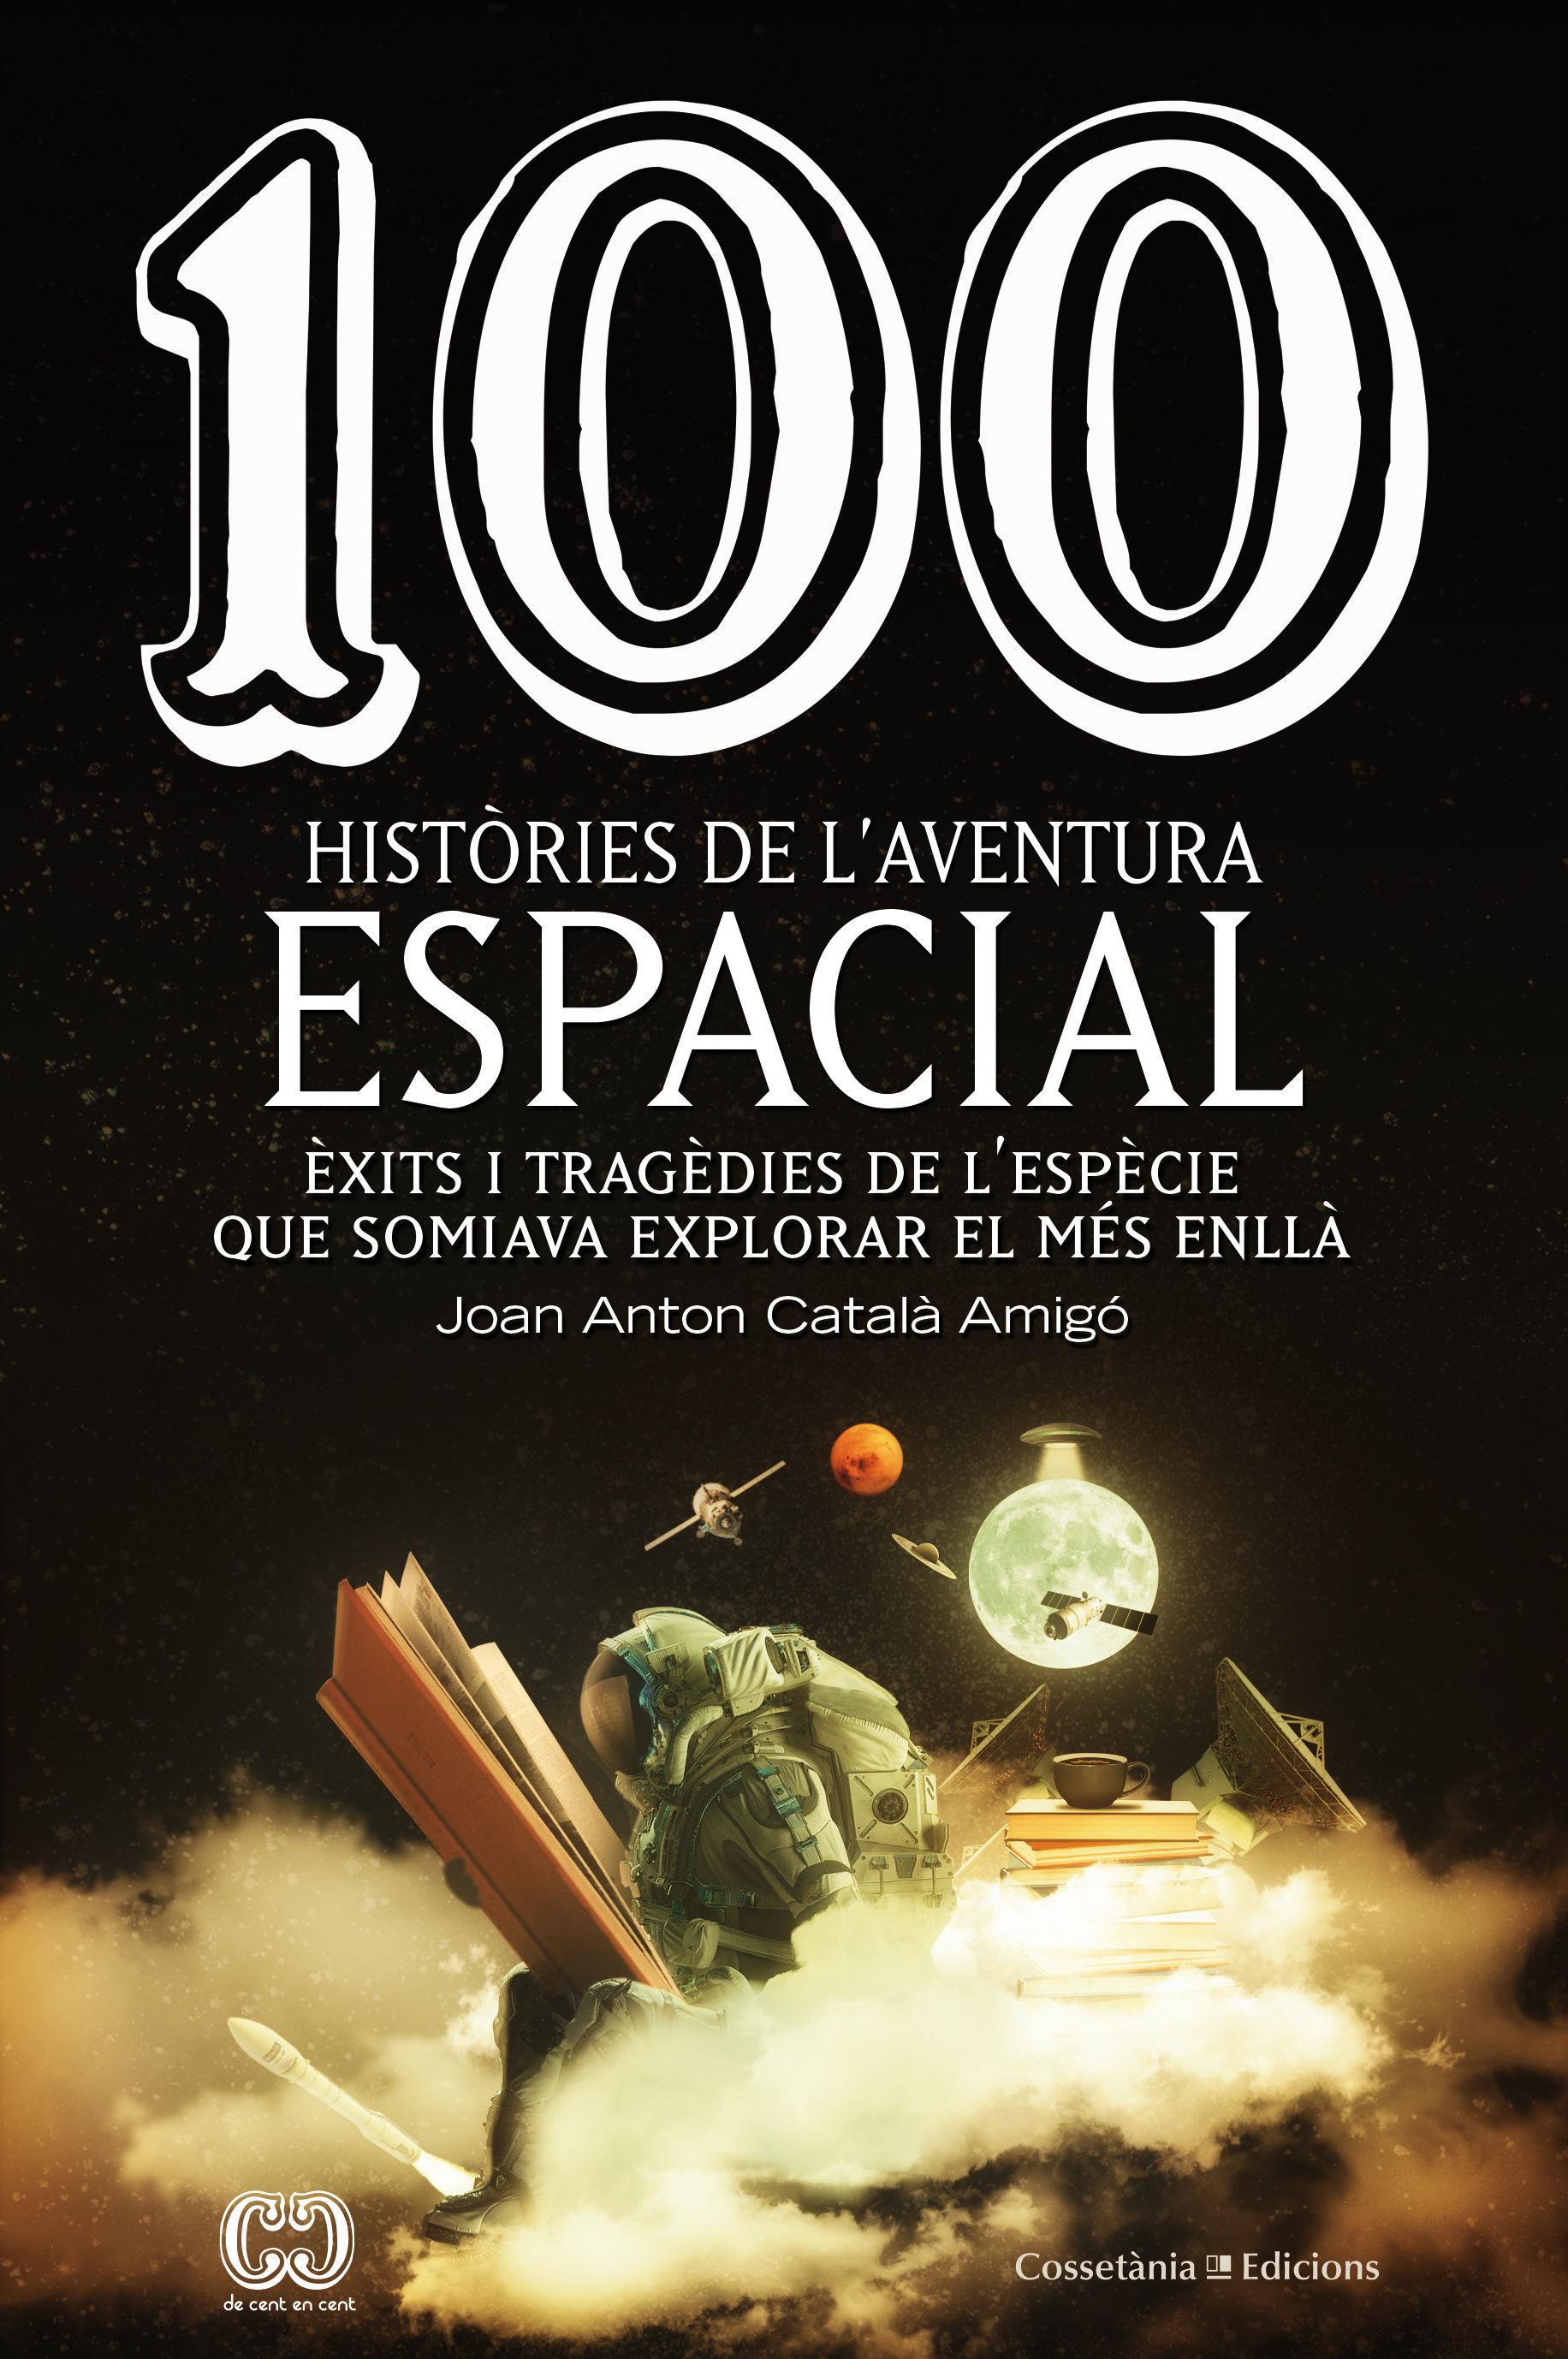 100 HISTORIES DE L AVENTURA ESPACIAL